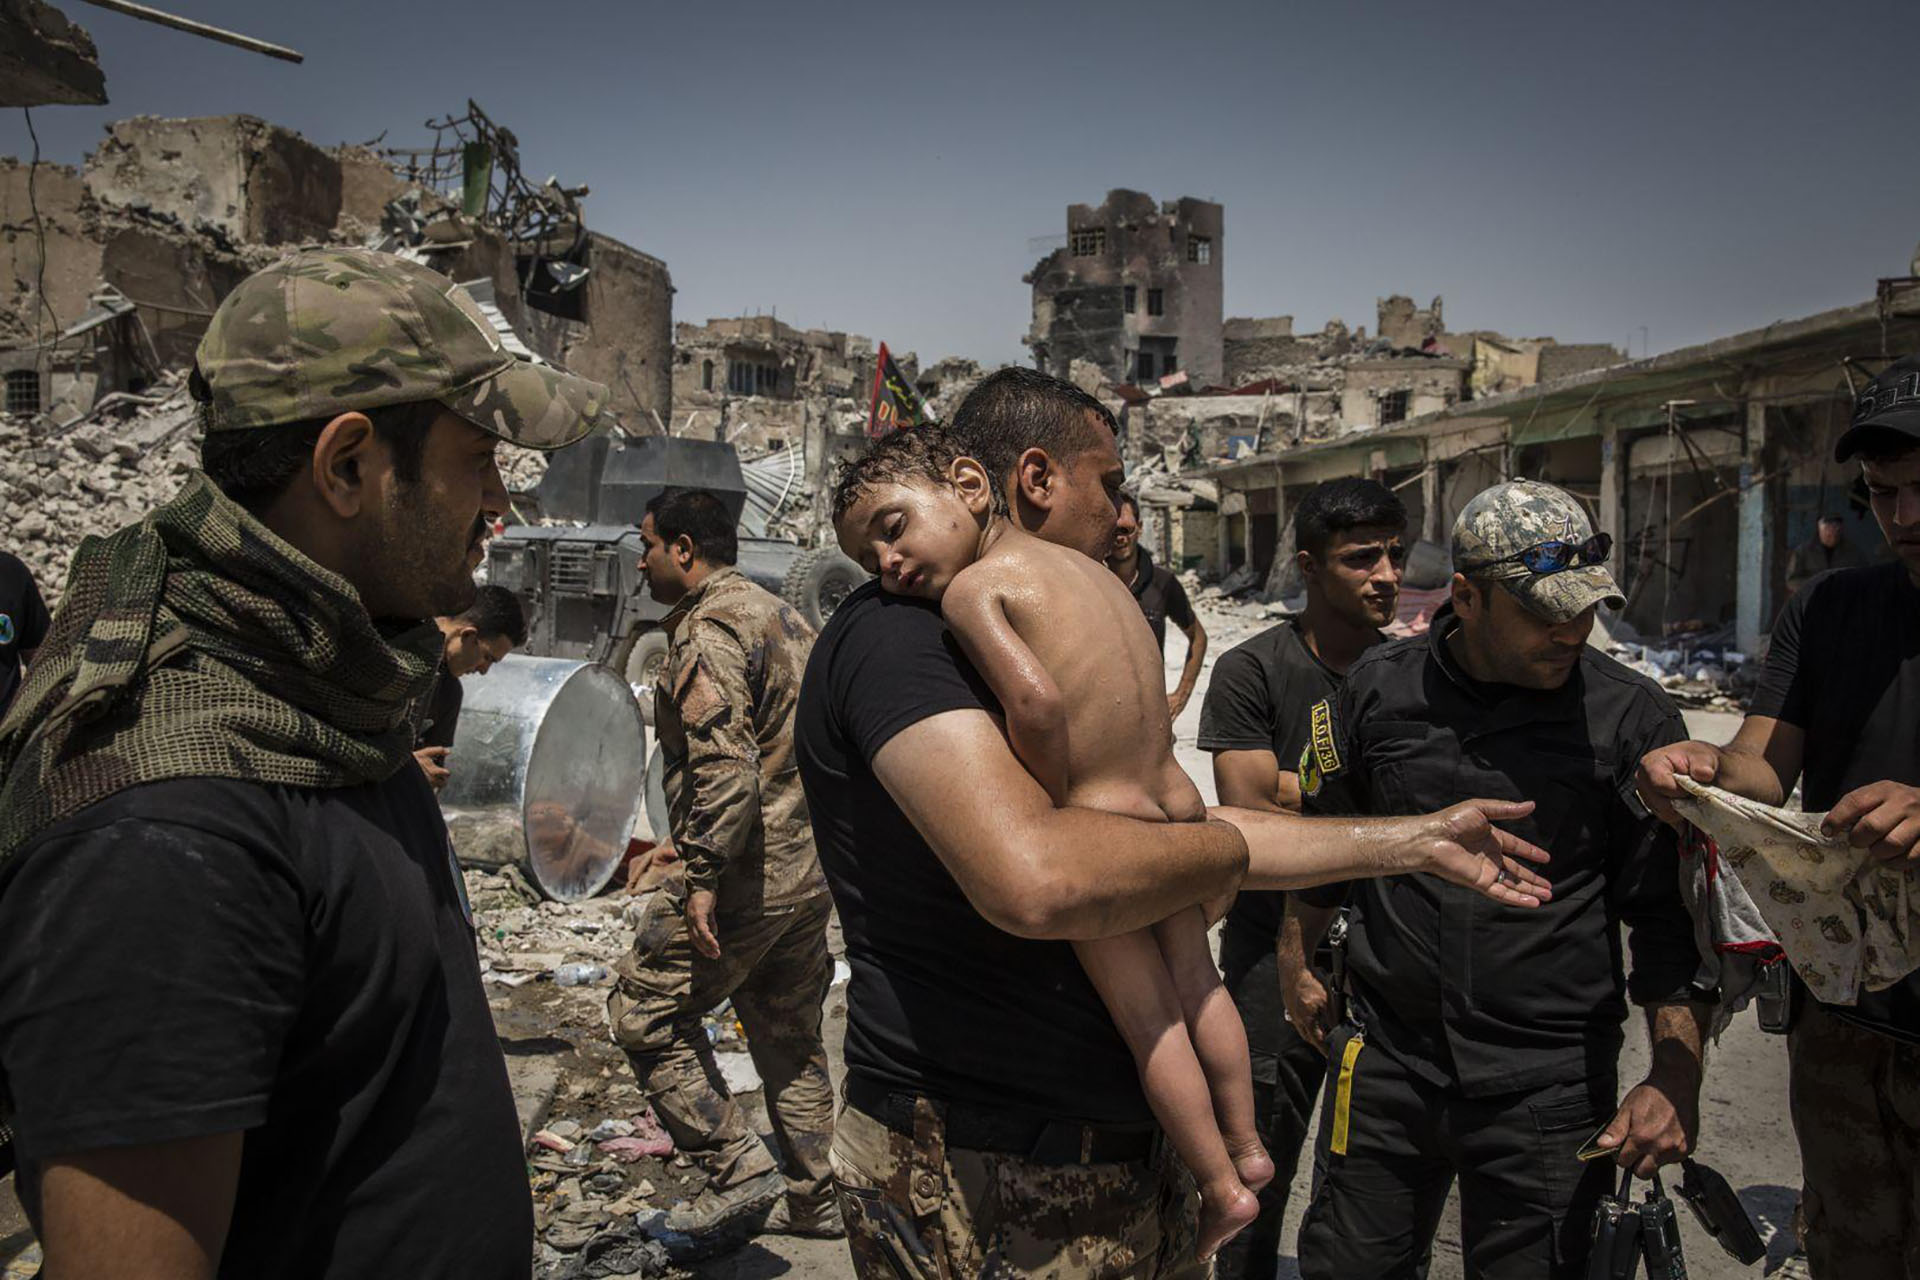 The Battle for Mosul – La batalla por Mosul: foto nominada para la Foto del Año en el concurso de fotografía de World Press. Un joven no identificado, que fue trasladado de la última zona controlada por ISIS en la Ciudad Vieja por un hombre sospechoso de ser militante, es atendido por soldados de las Fuerzas Especiales iraquíes. (Ivor Prickett, Irlanda)